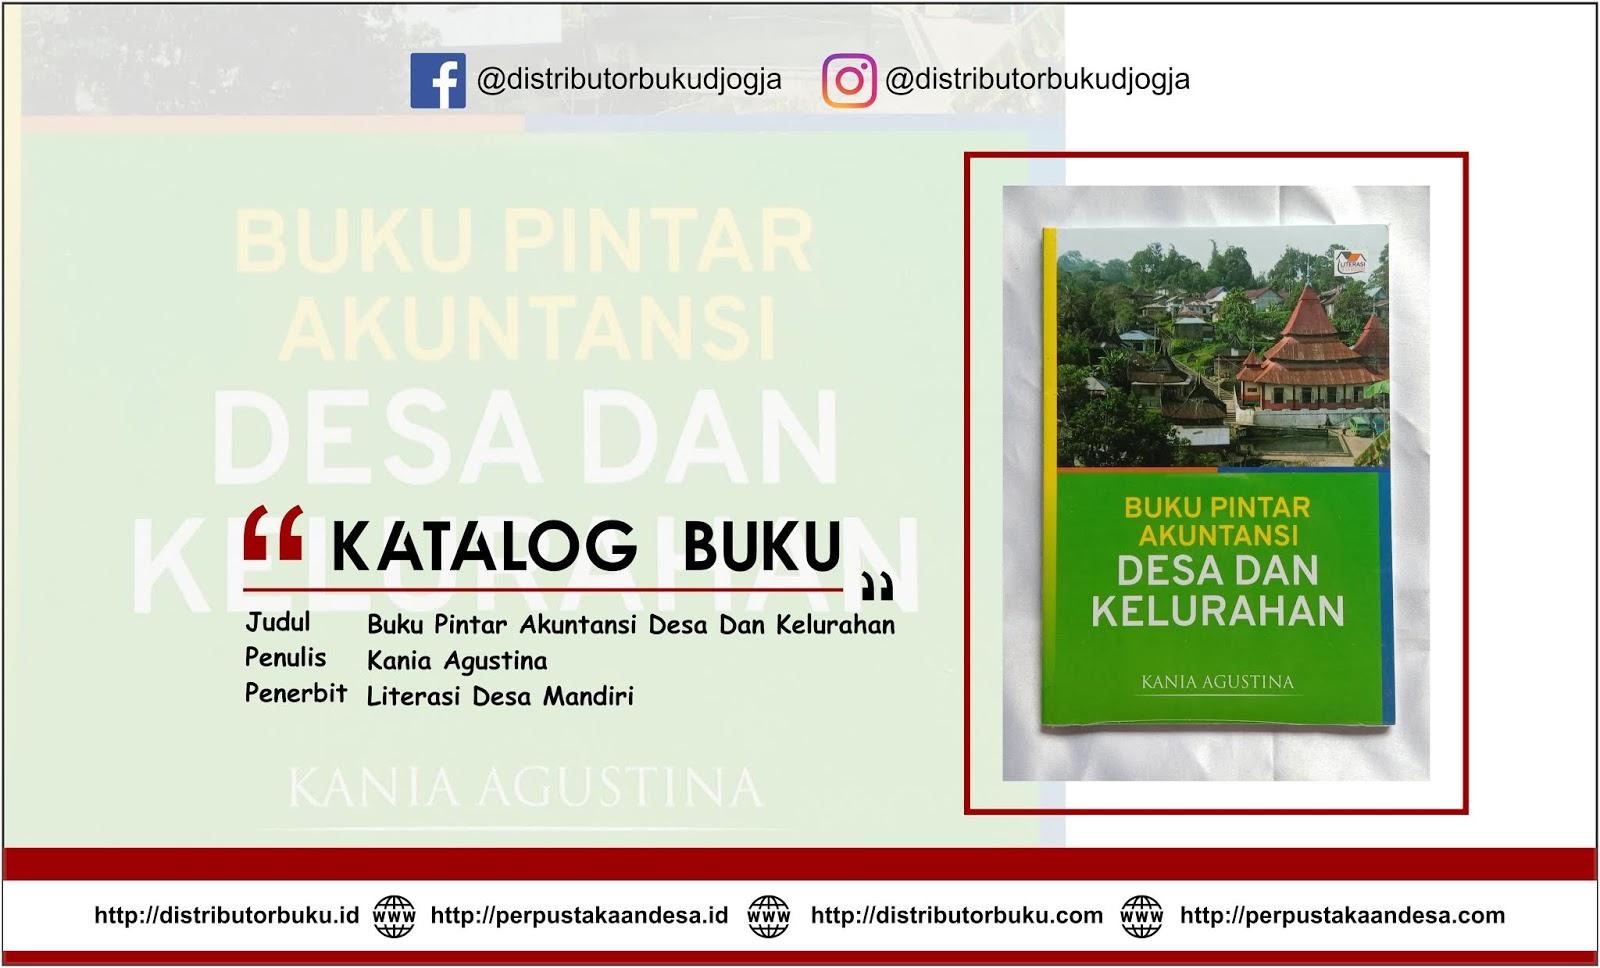 Buku Pintar Akuntansi Desa Dan Kelurahan